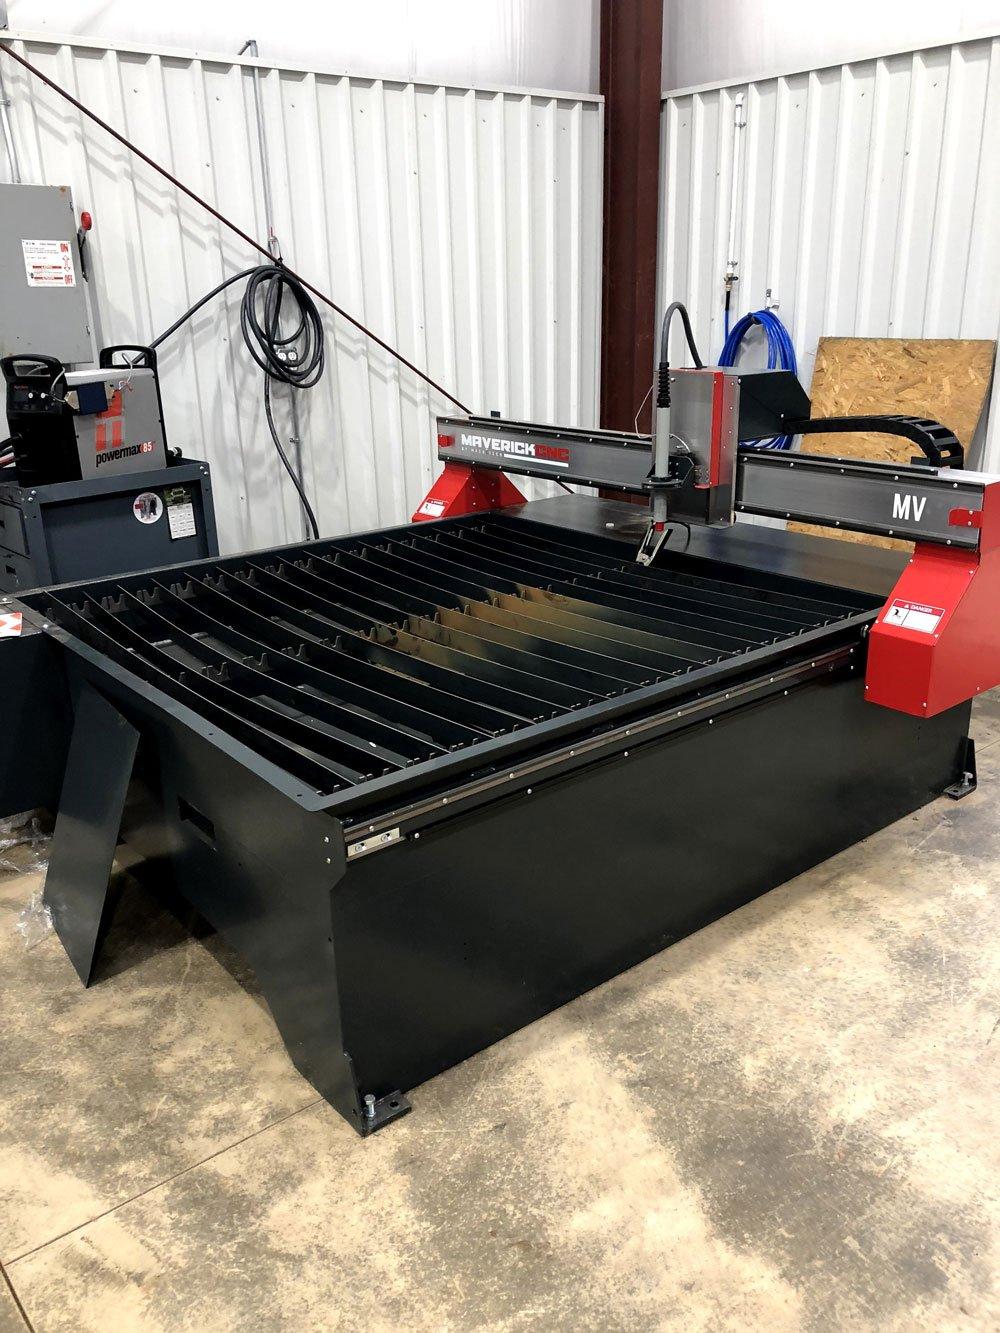 5x5 CNC plasma table